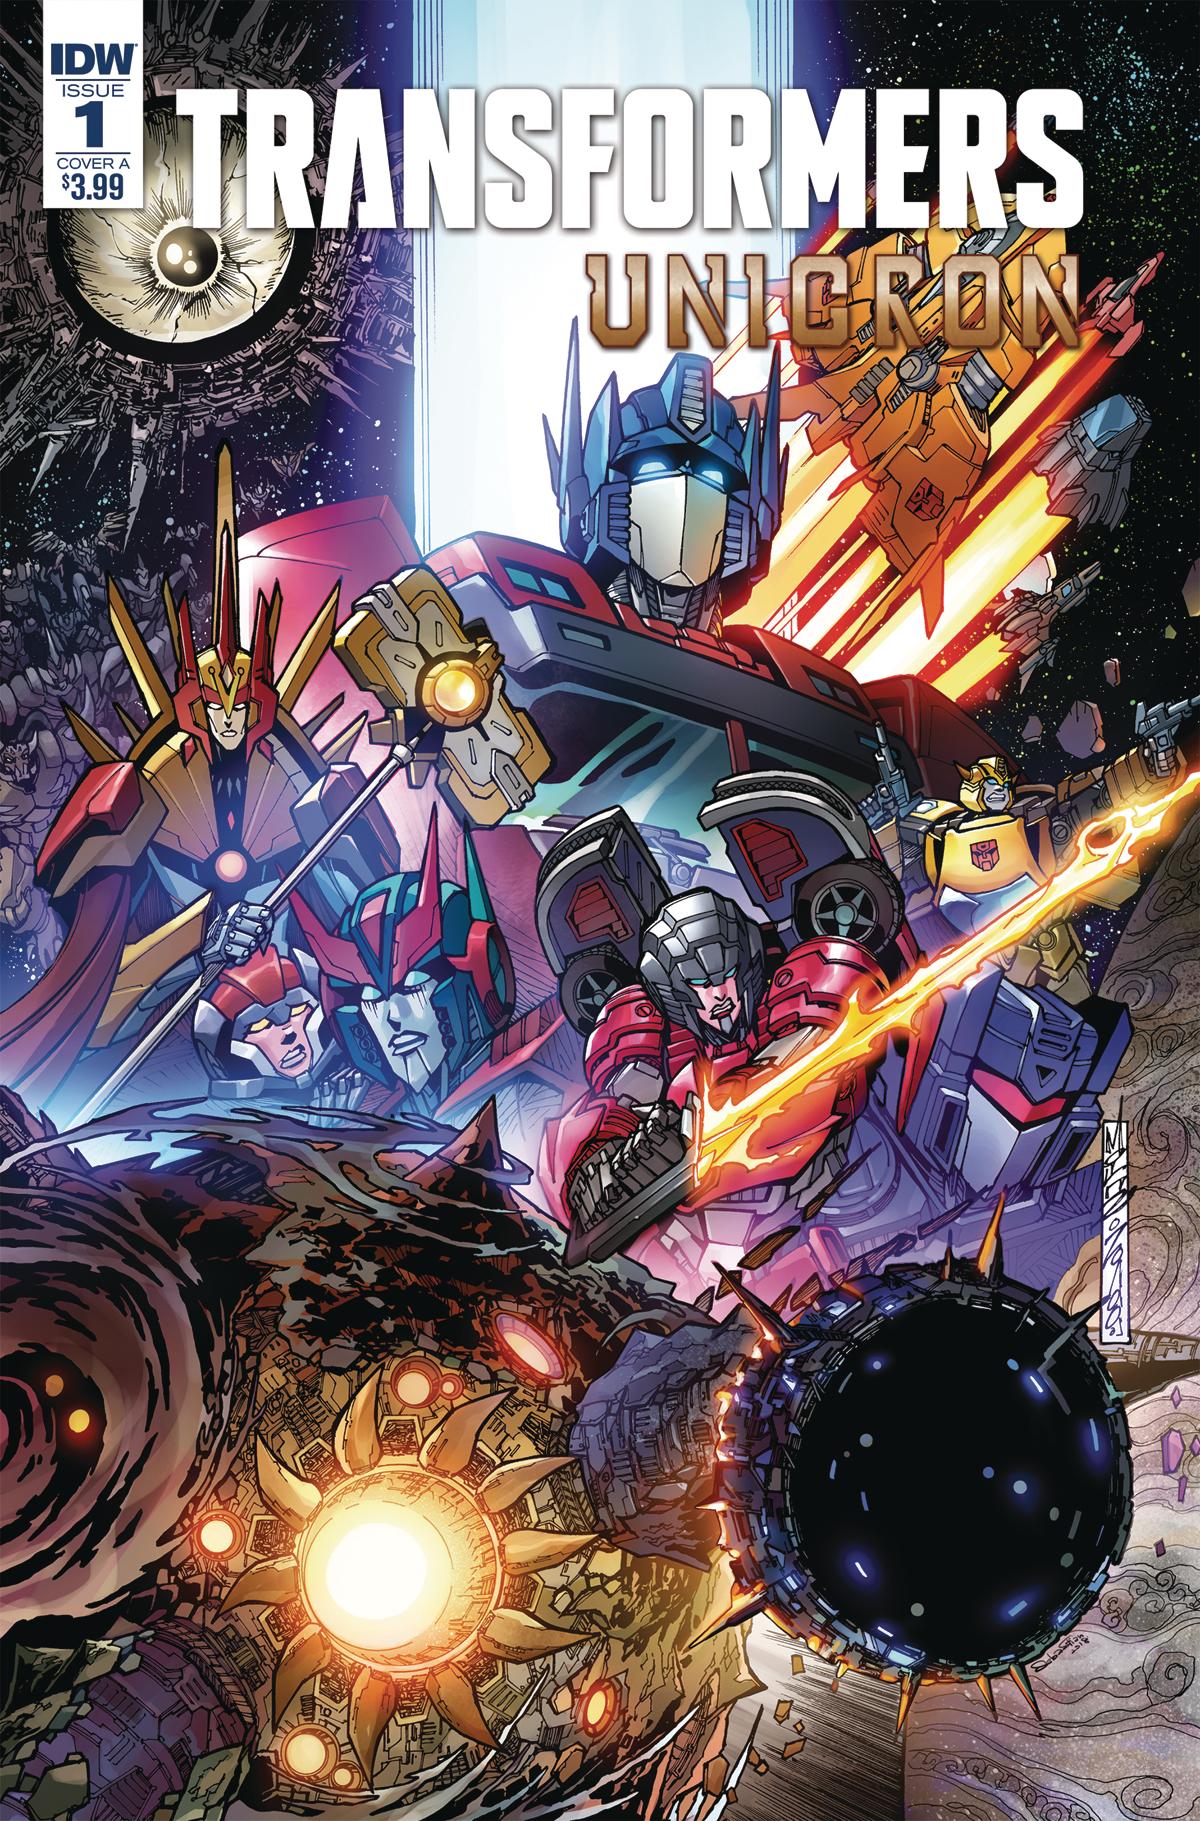 Capa de Transformers: Unicron #1 por Alex MIlne.